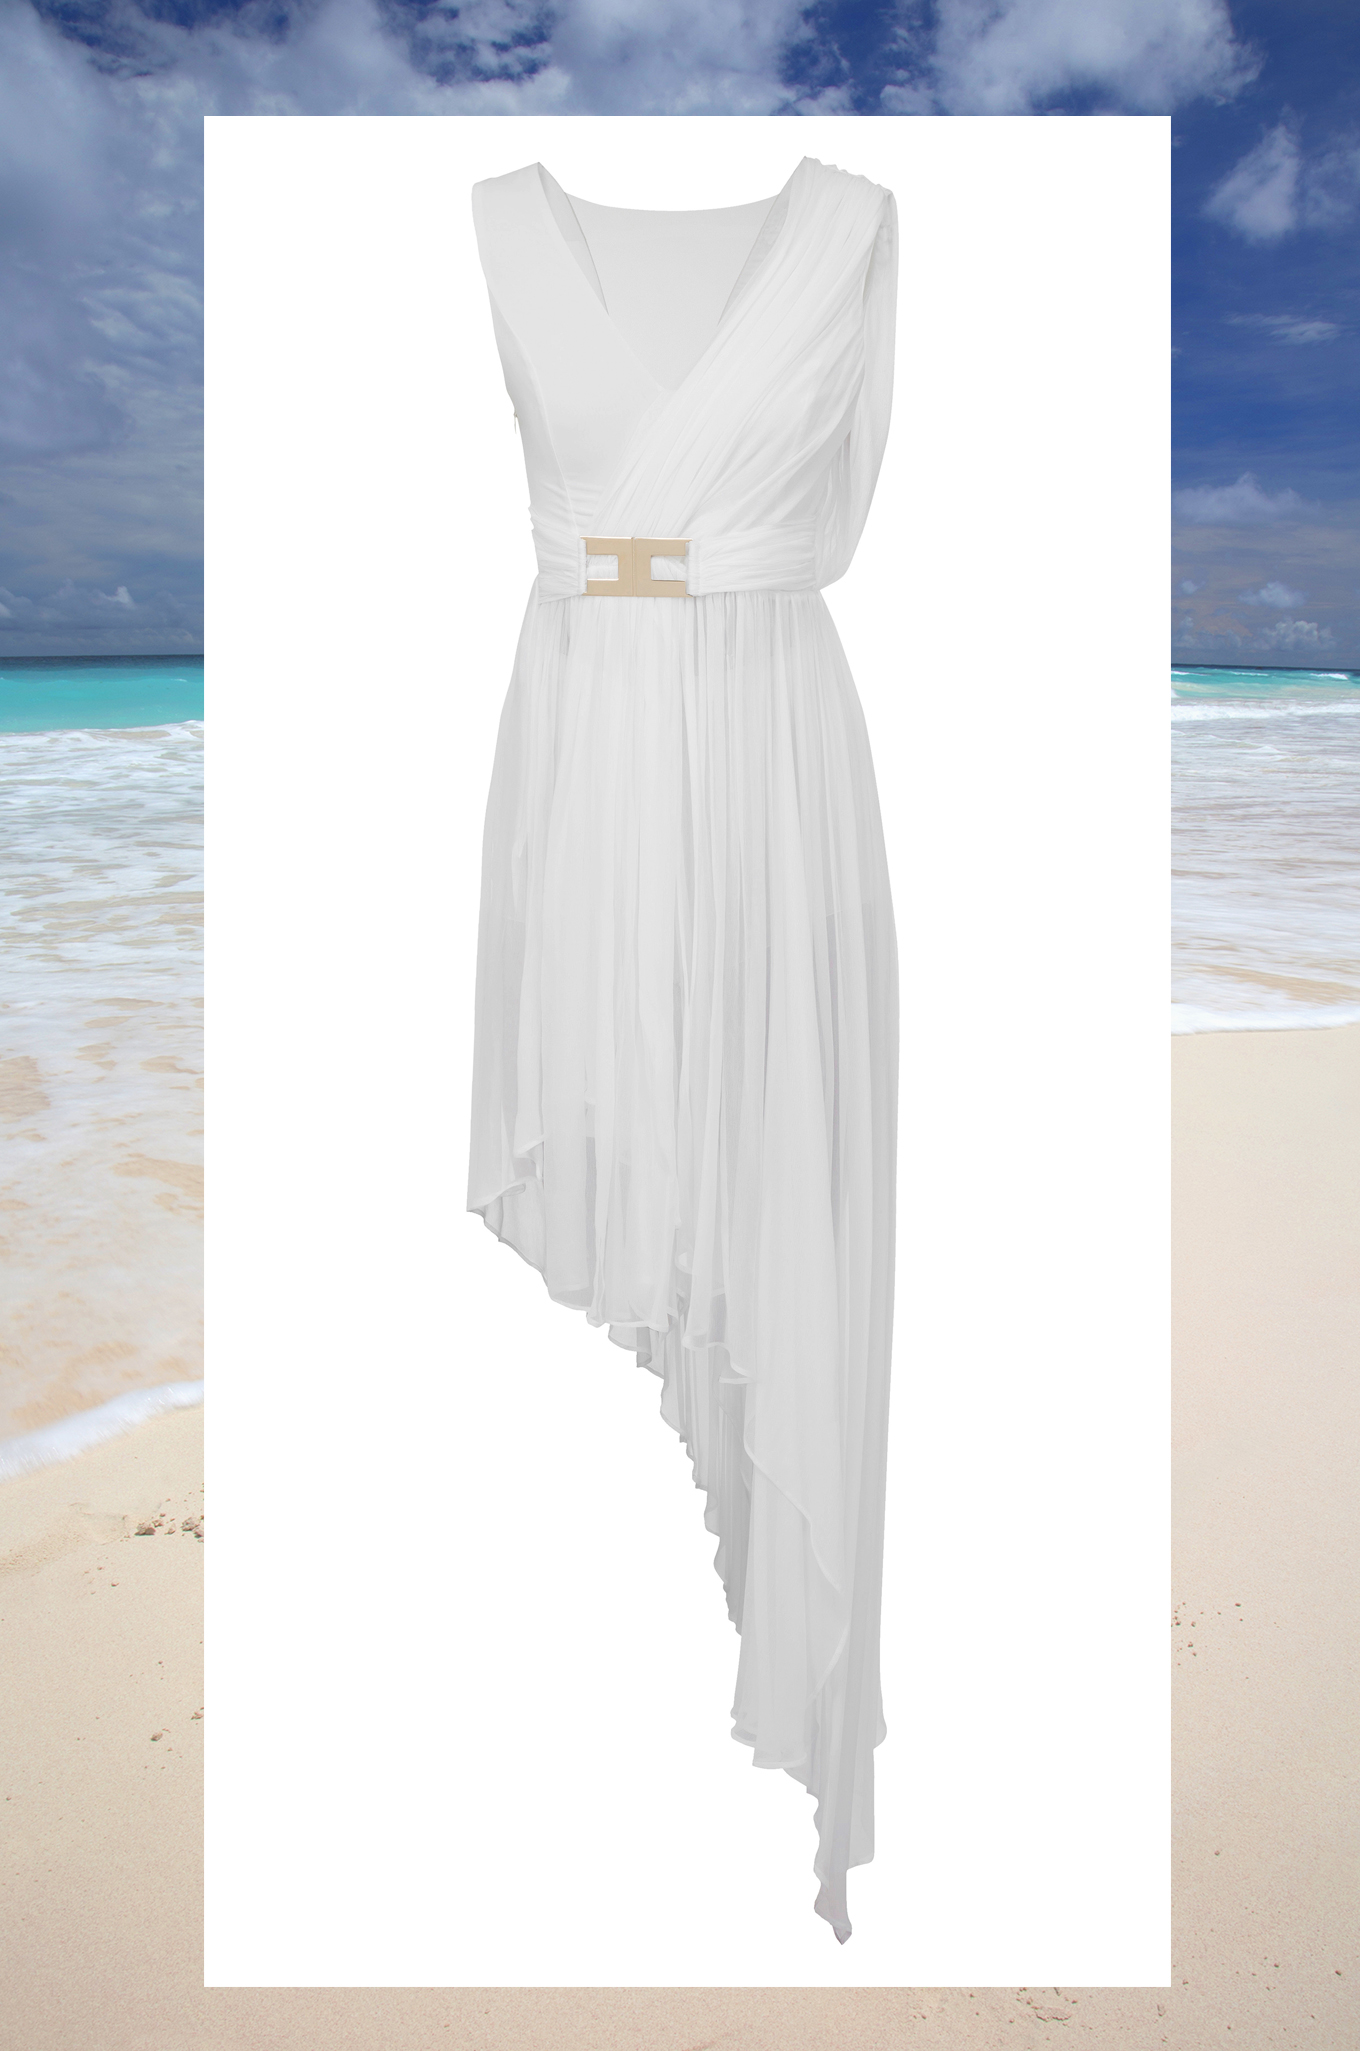 Matrimonio In Spiaggia Abito Sposa : Matrimonio in spiaggia abiti da sposa per celebrare